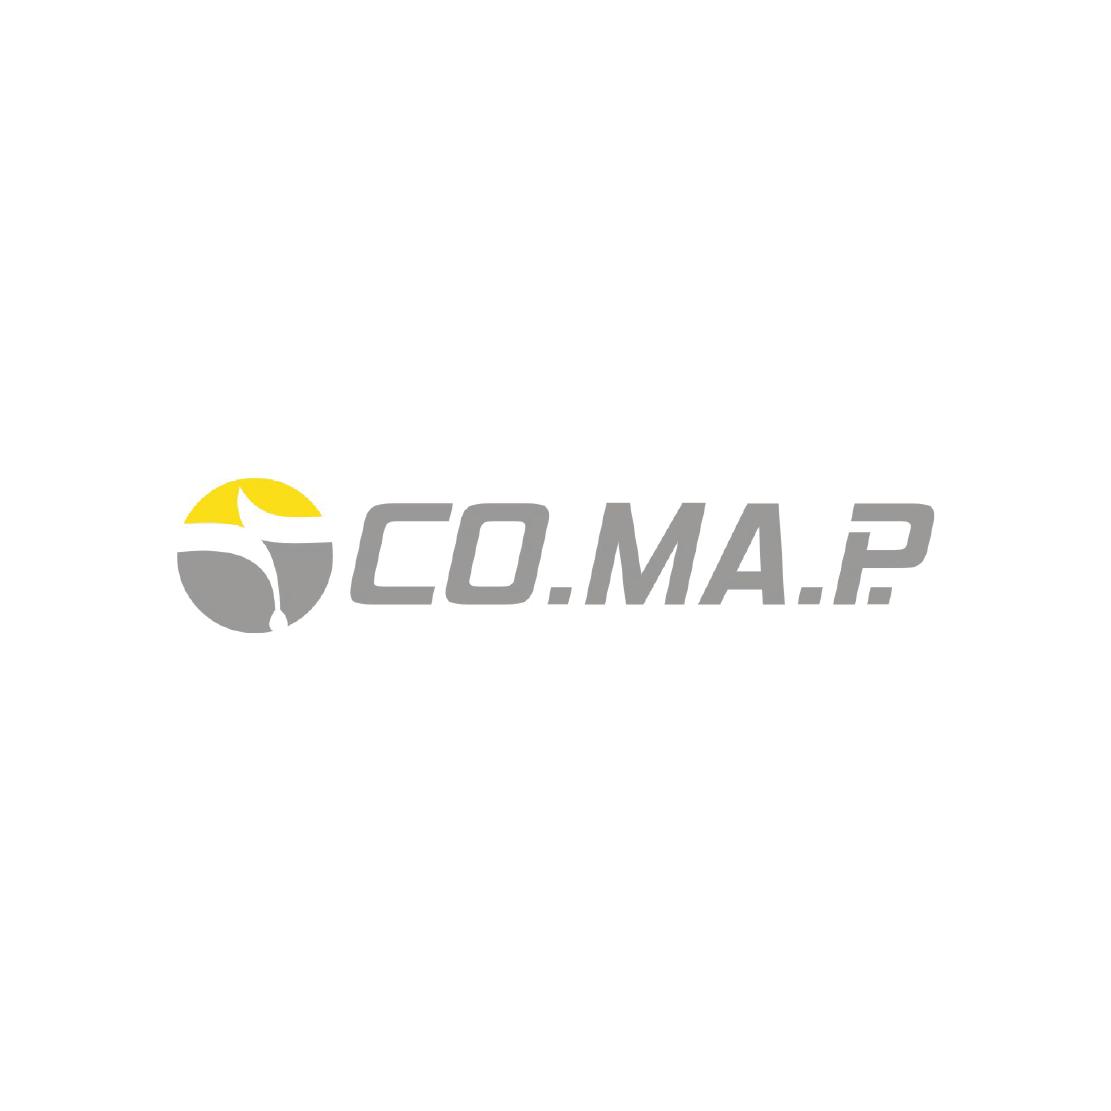 CO.MA.P